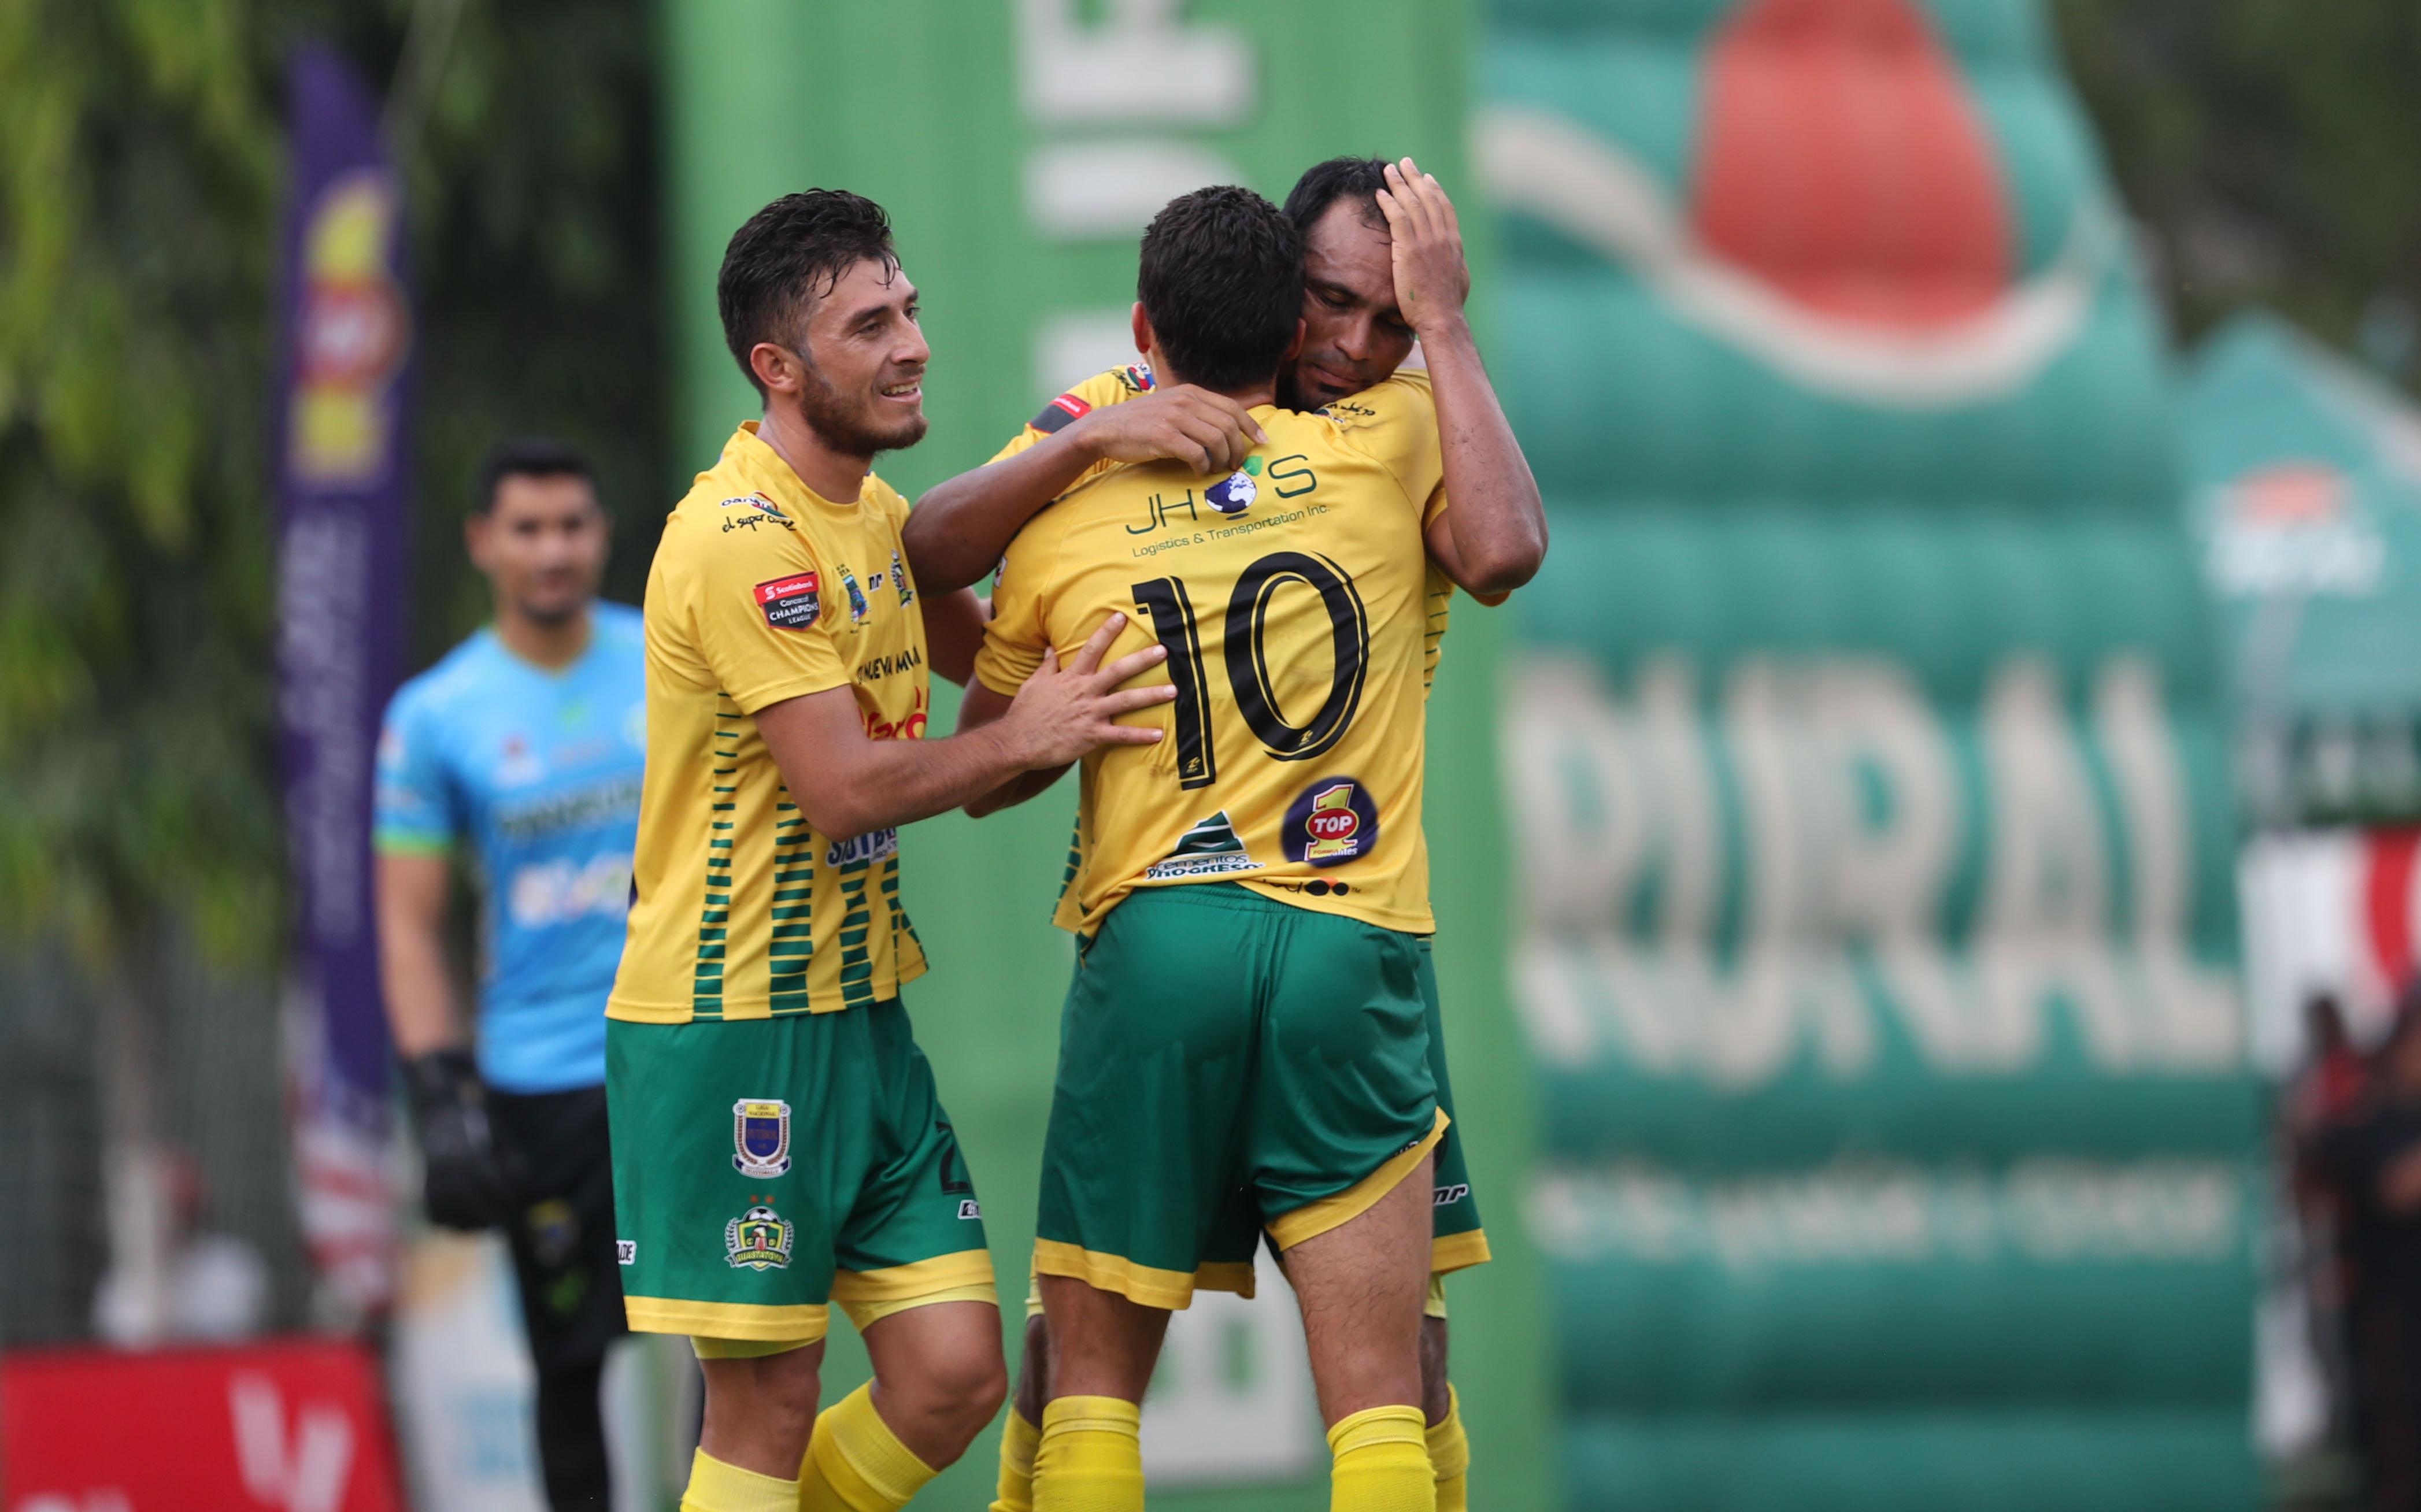 Ángel Rodríguez festeja con sus compañeros después de anotar el gol del triunfo. (Foto Prensa Libre: Francisco Sánchez)